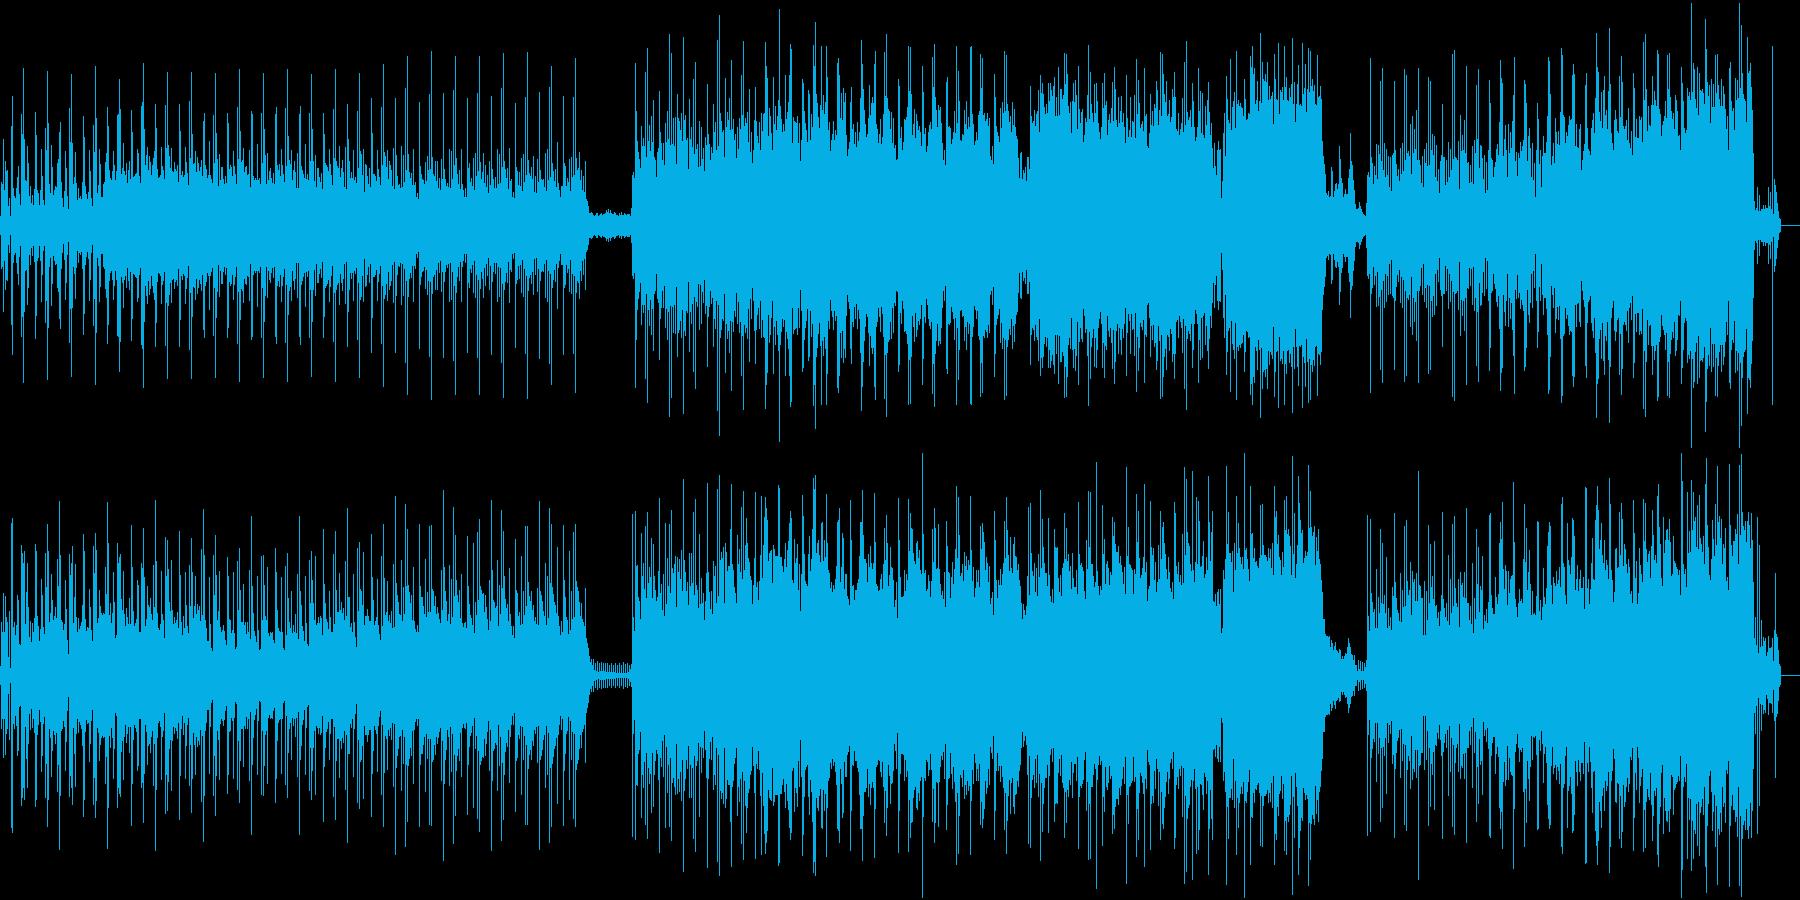 ミドルテンポNewAge-Ambientの再生済みの波形